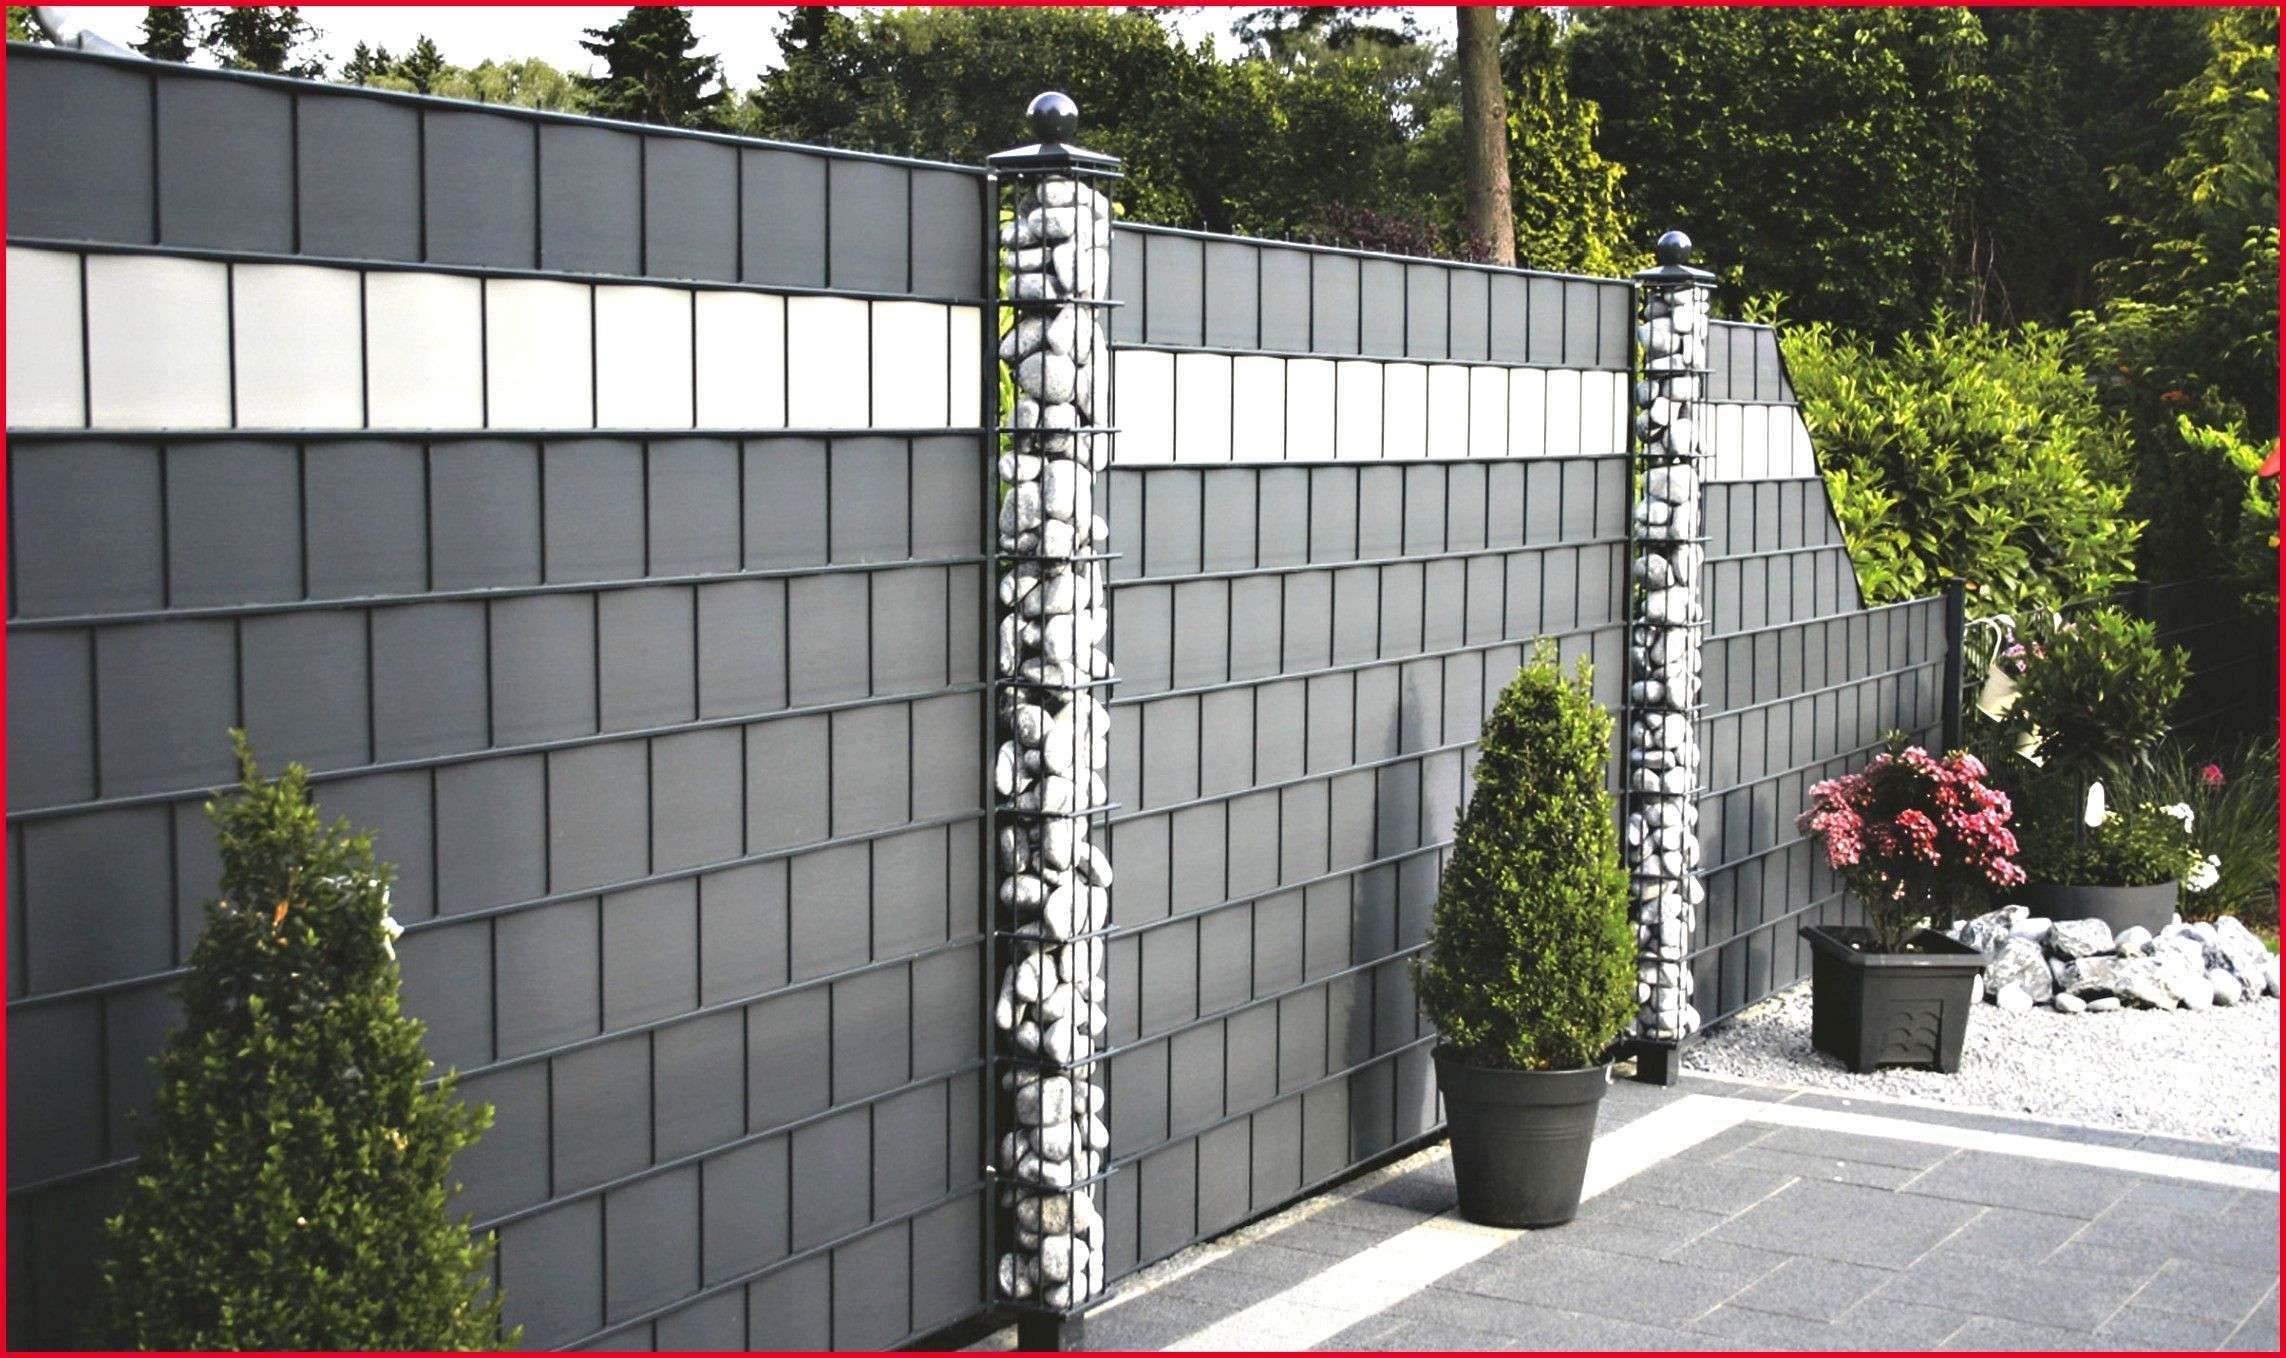 Holzzaun Garten Das Beste Von Pin On Gartem Sichtschutz